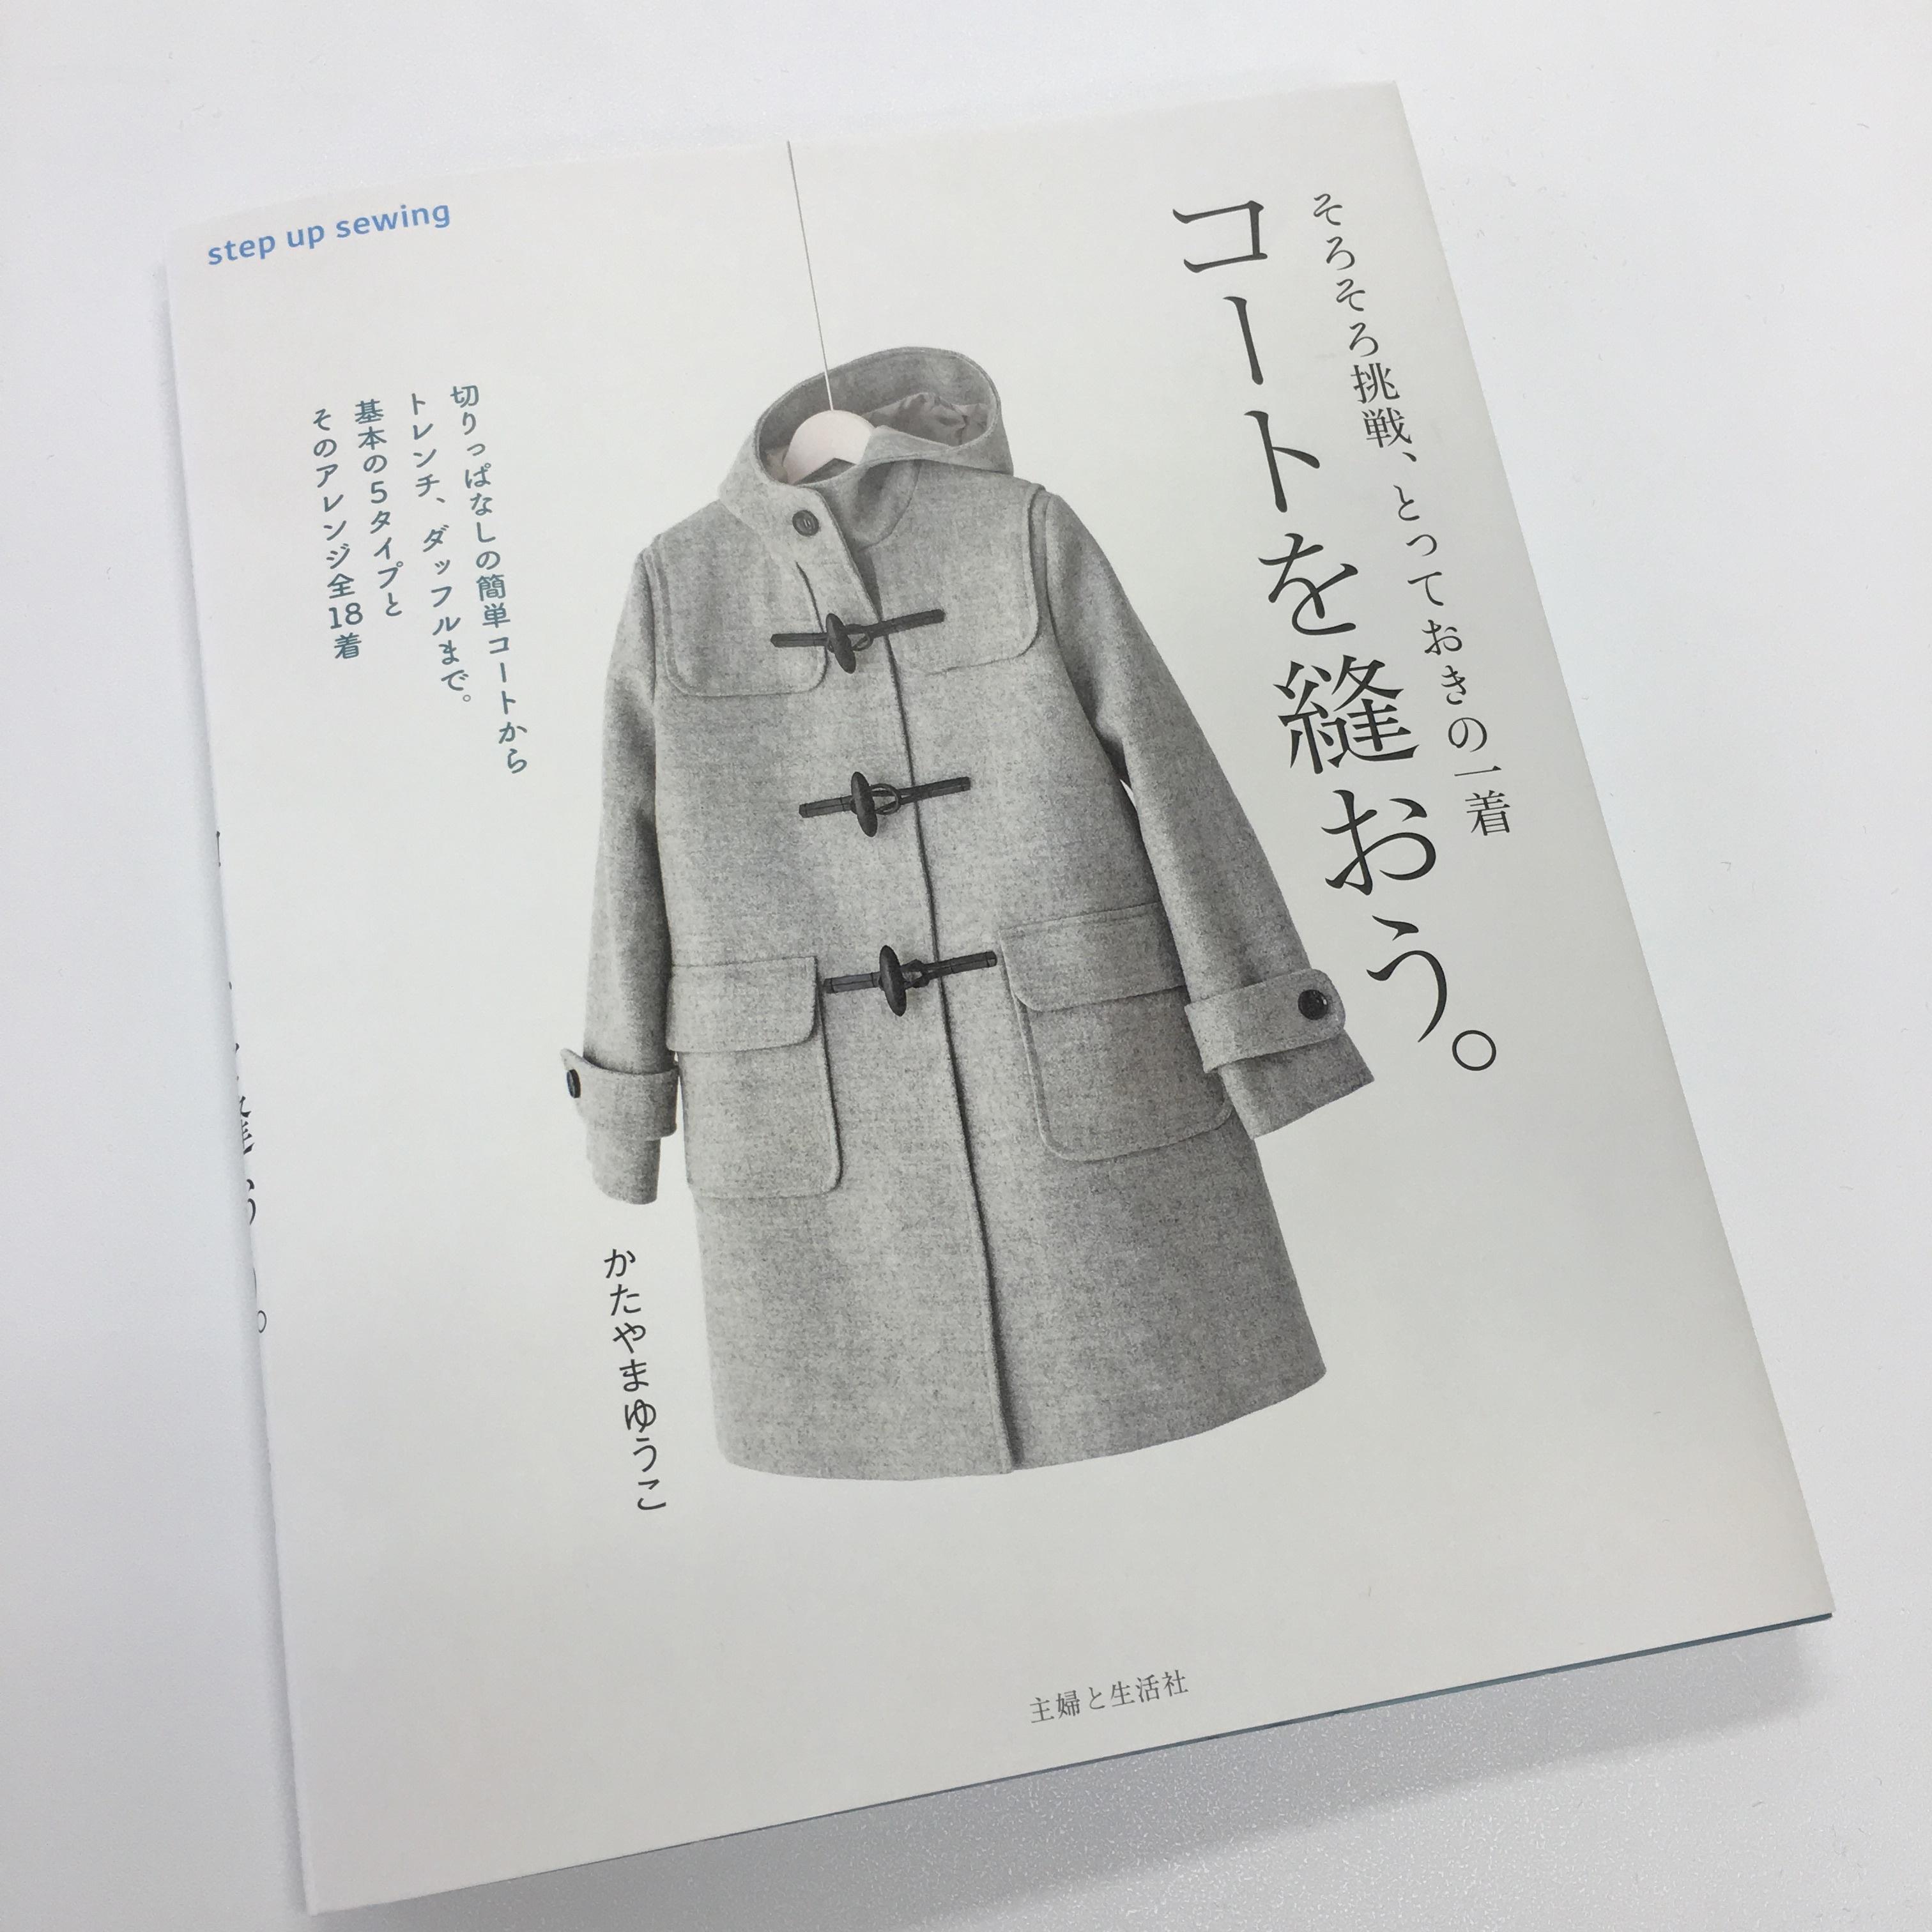 コートを縫おう。 C-2の型紙